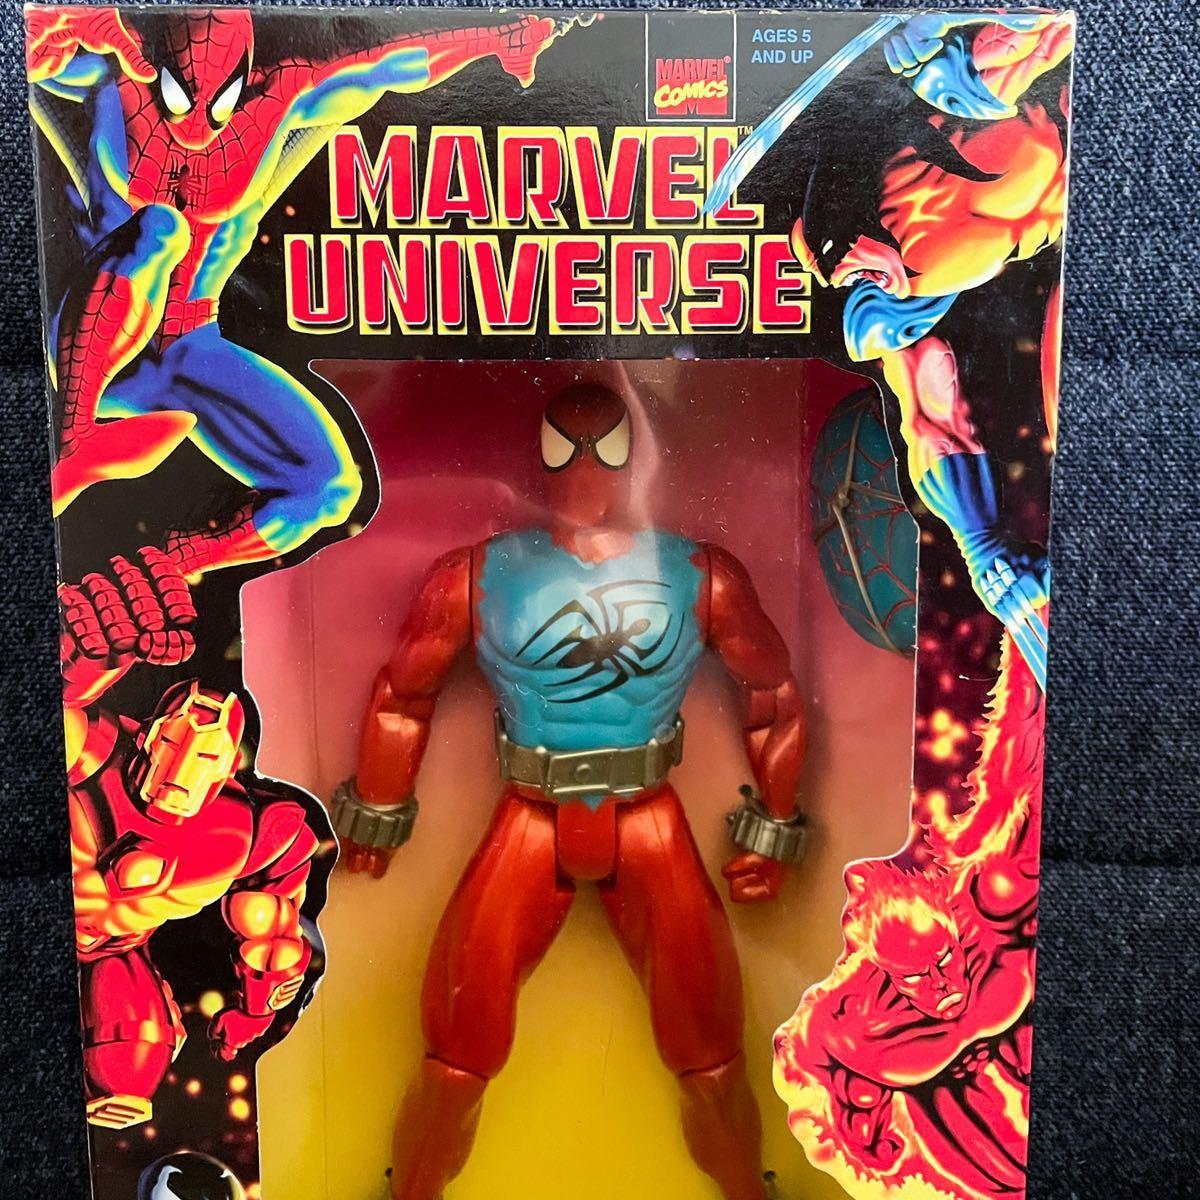 未開封 1997年製 TOYBIZ トイビズ マーベルユニバース 10インチアクションフィギュア SPIDER-MAN スパイダーマン スカーレットスパイダー_画像3